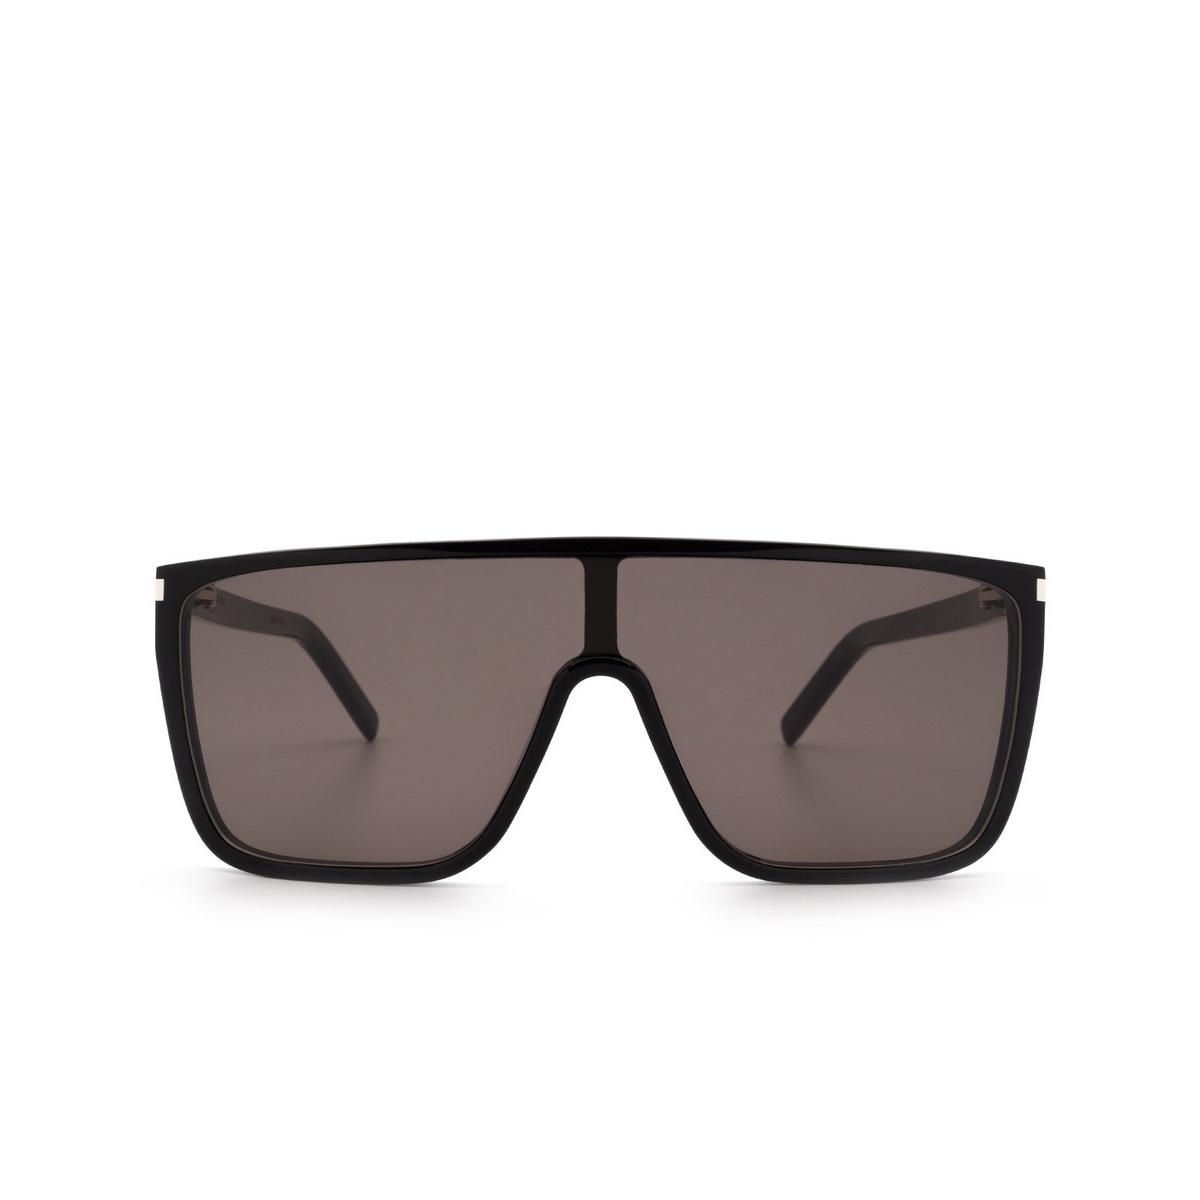 Saint Laurent® Mask Sunglasses: SL 364 MASK ACE color Black 001 - front view.